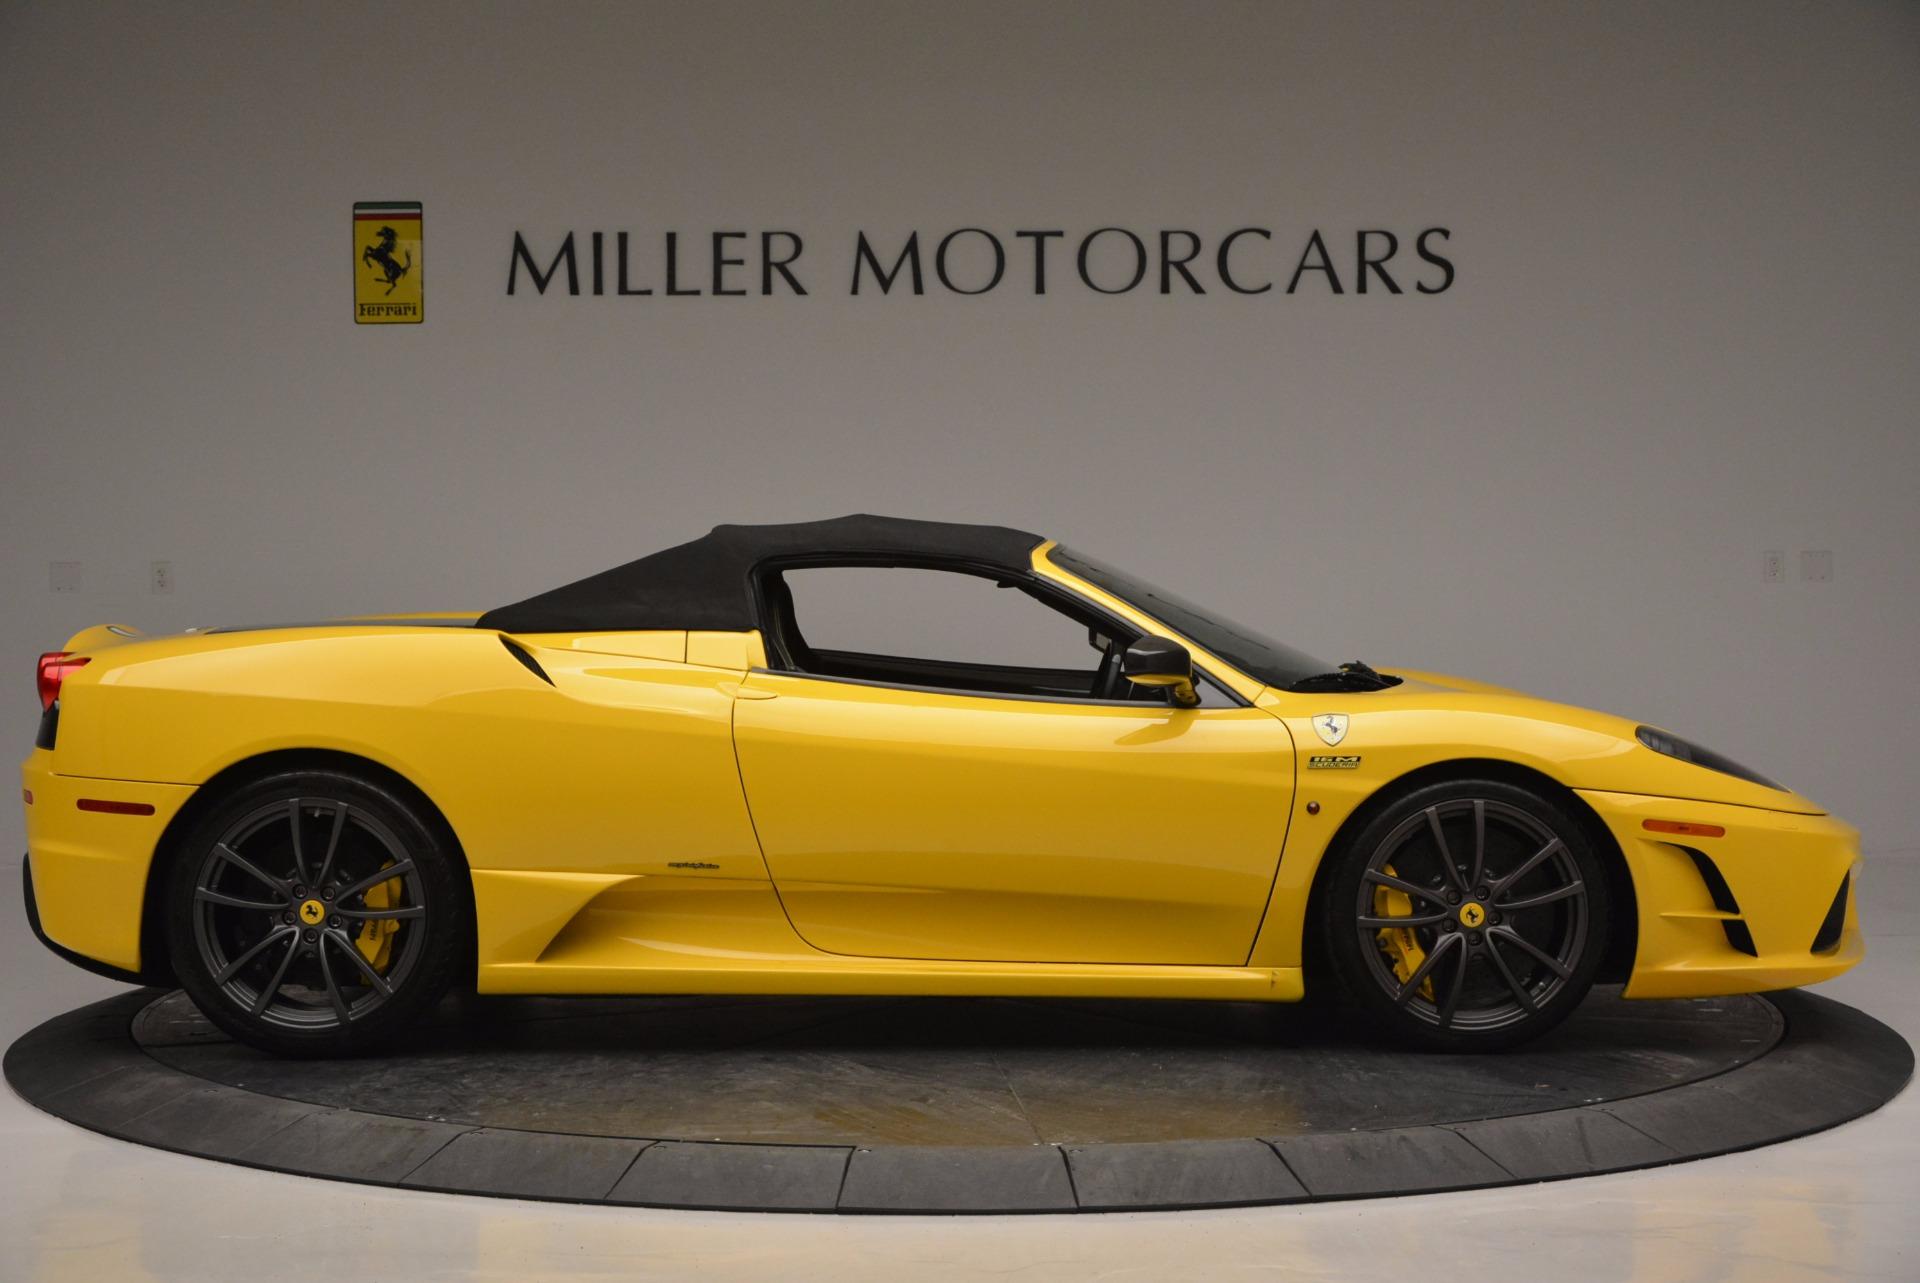 Used 2009 Ferrari F430 Scuderia 16M For Sale In Greenwich, CT 856_p21